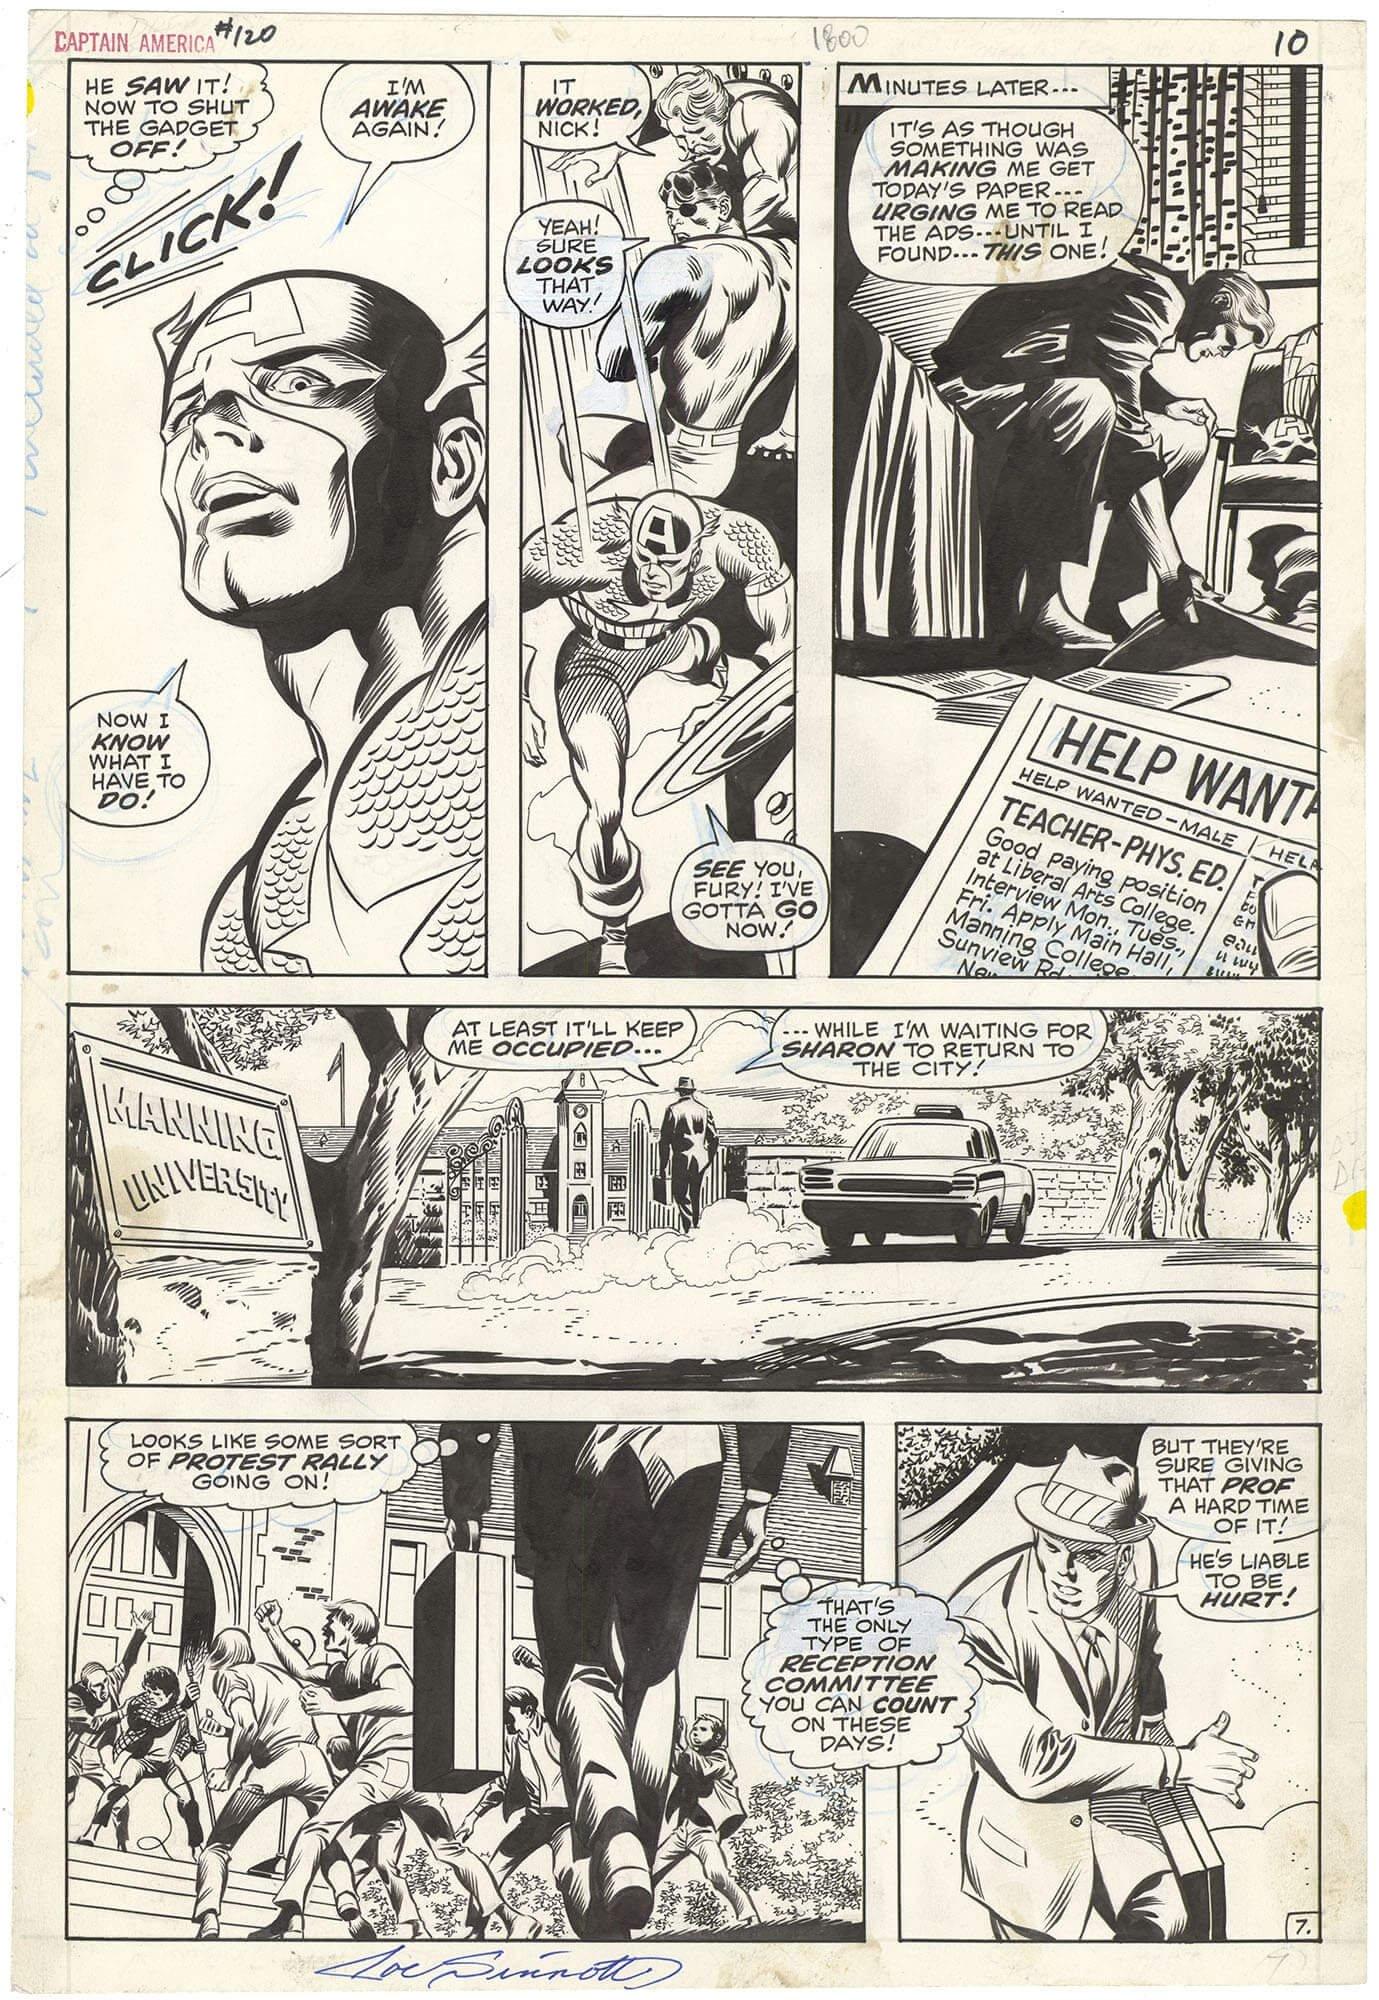 Captain America #120 p7 (Signed)